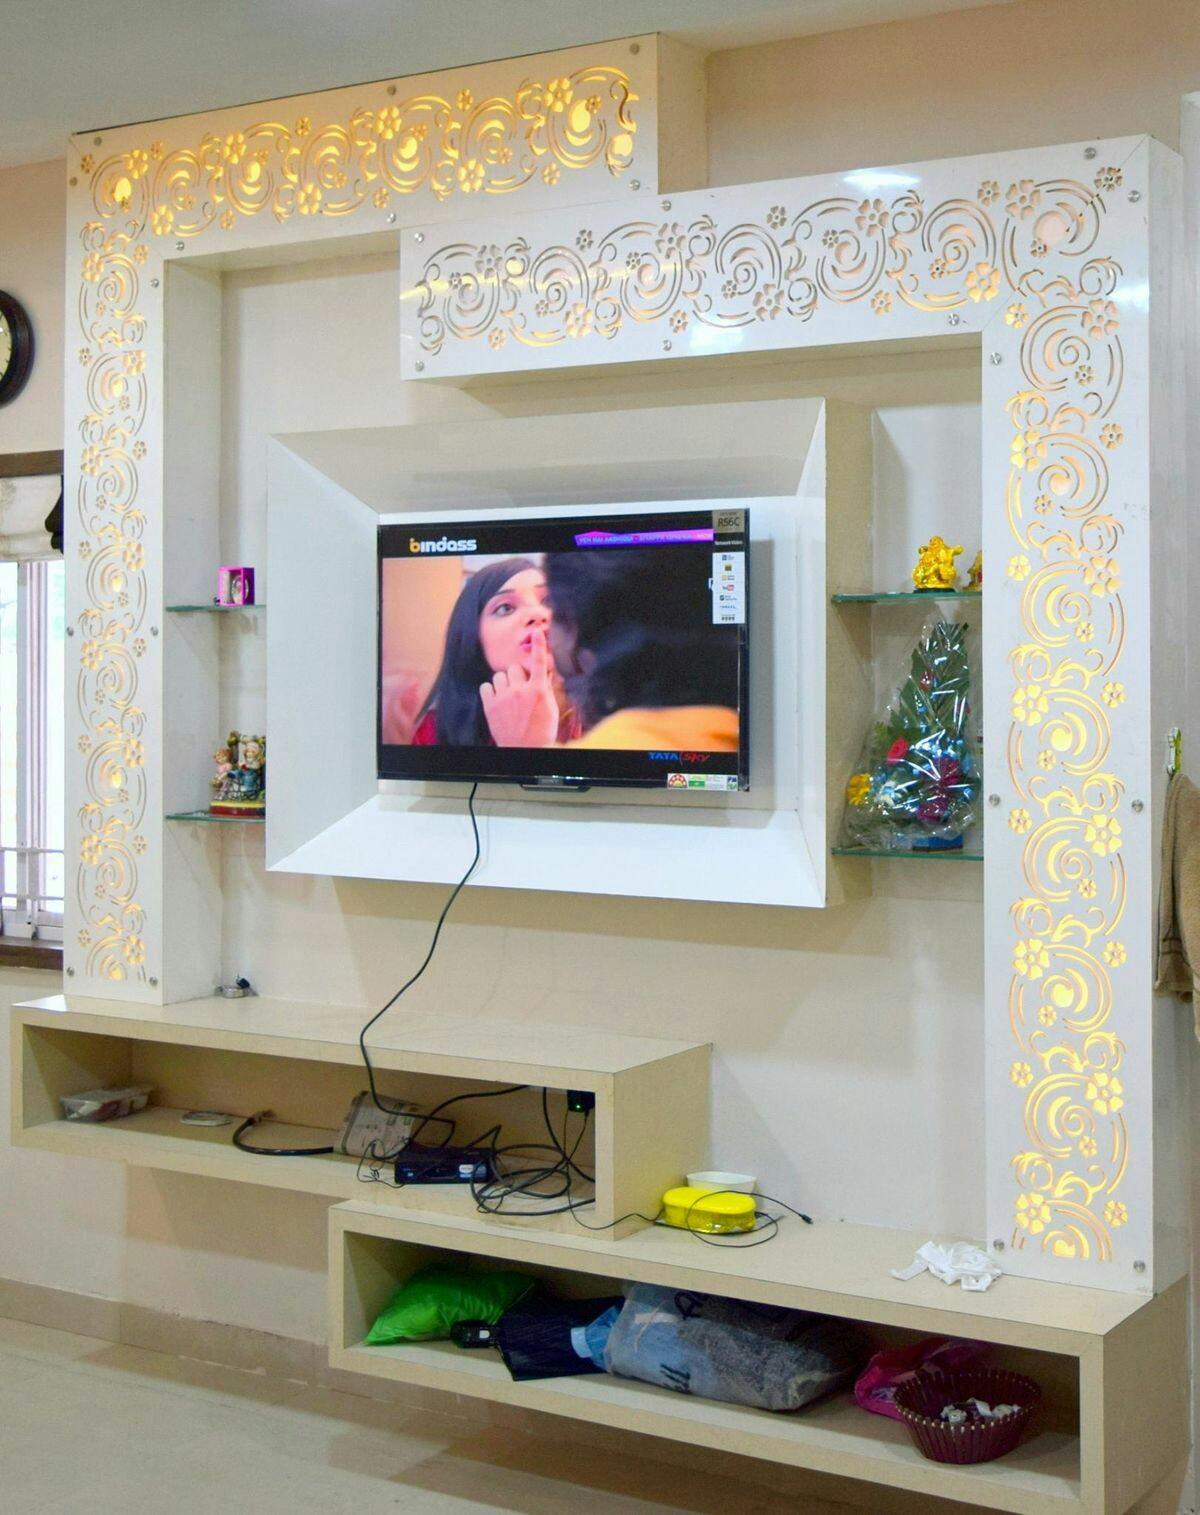 Living Room Interior Designs Tv Unit: اكثر من 12 صوره من اجمل ديكورات الجبس مع ديكور خشب السي ان